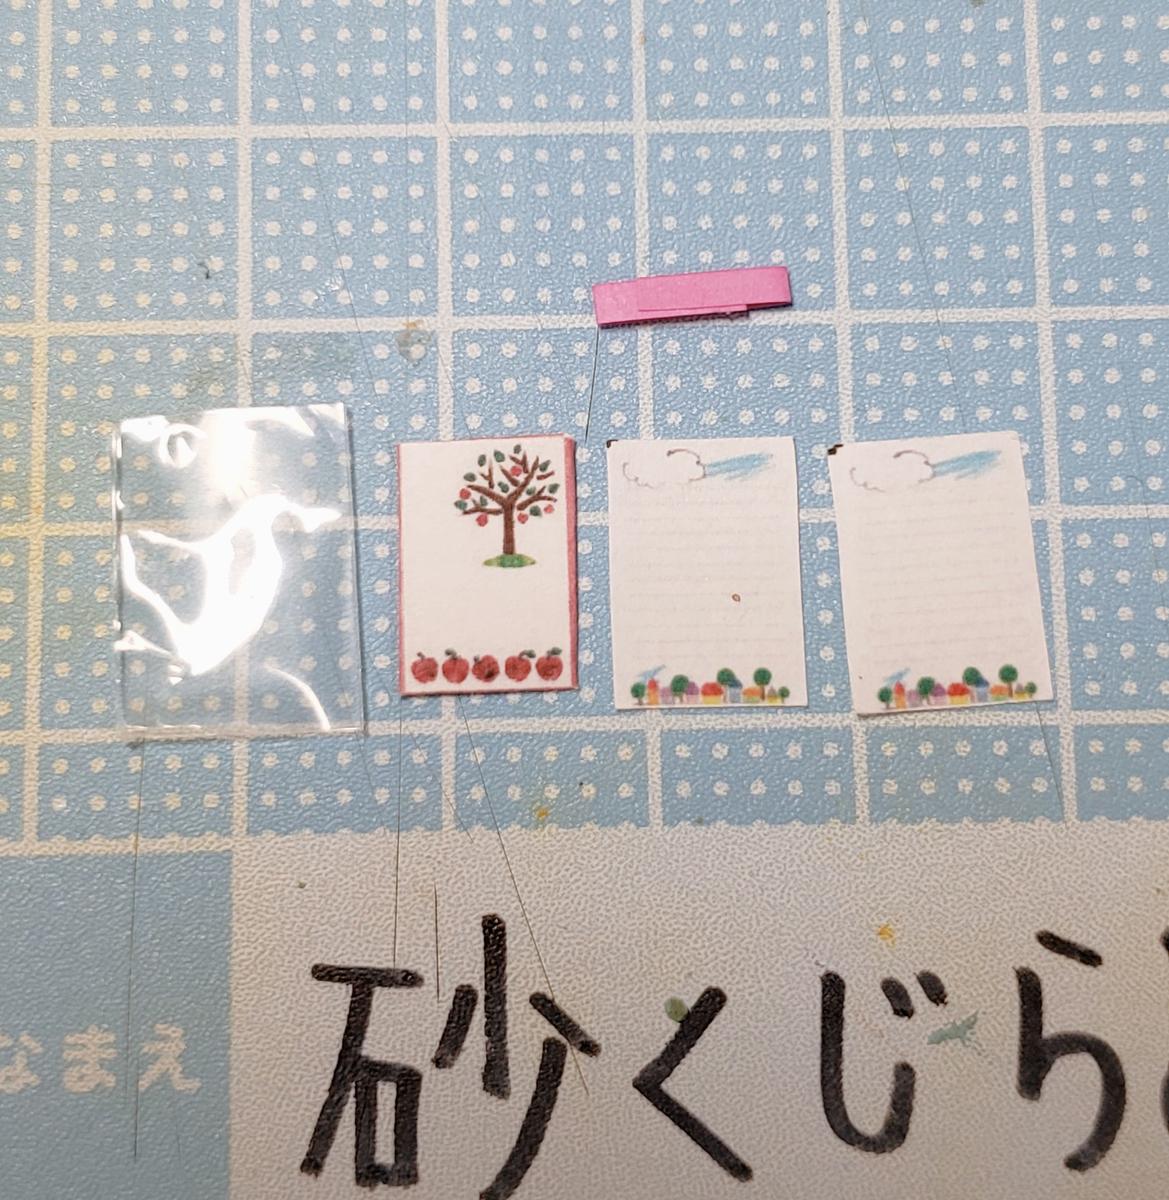 f:id:sunakujiratei:20200328232153j:plain:w300